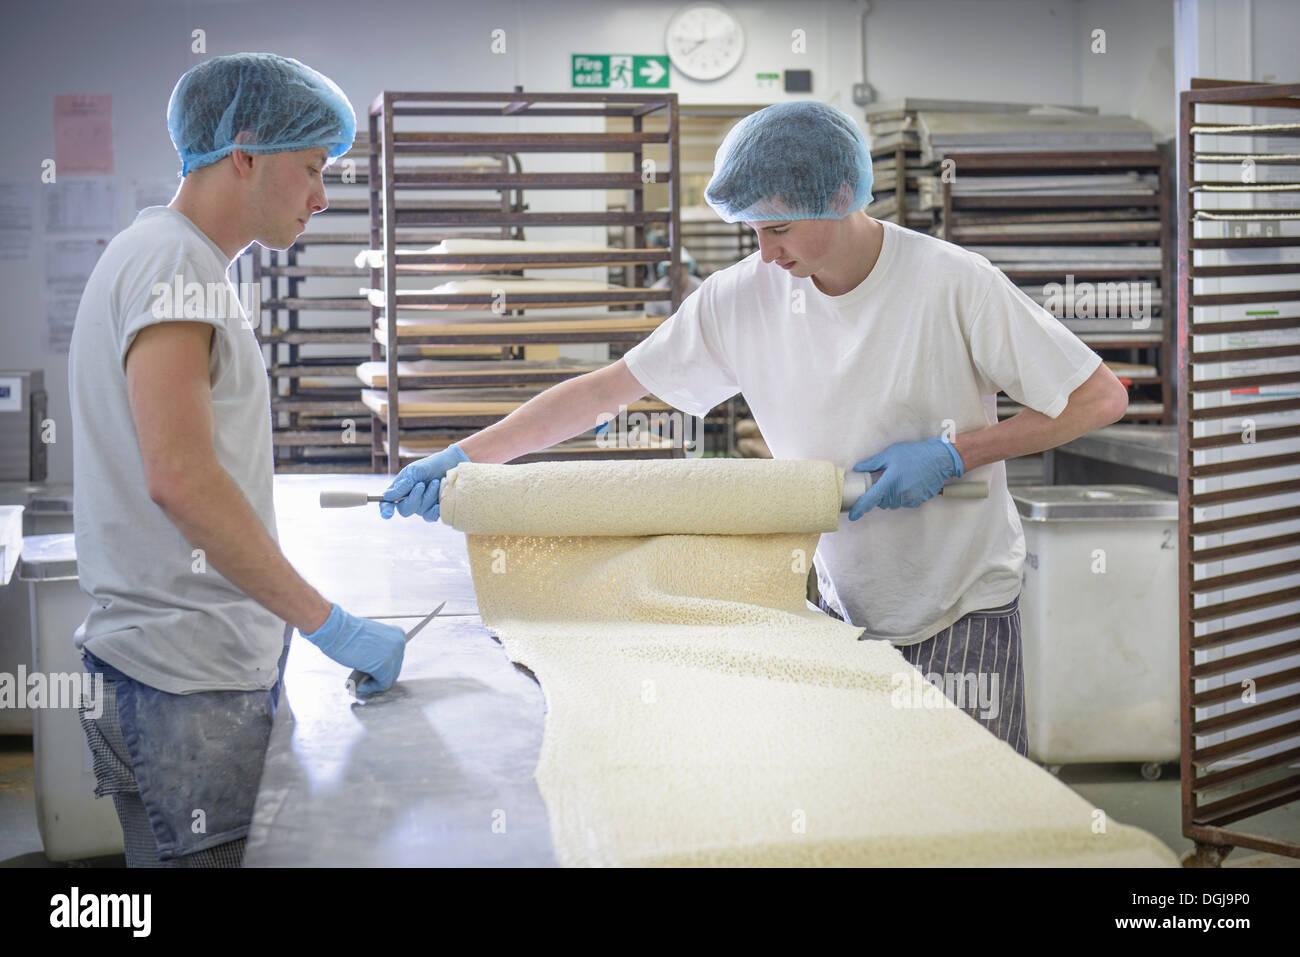 Bäcker in Schutzkleidung, die Länge der Teig vorbereiten Stockbild